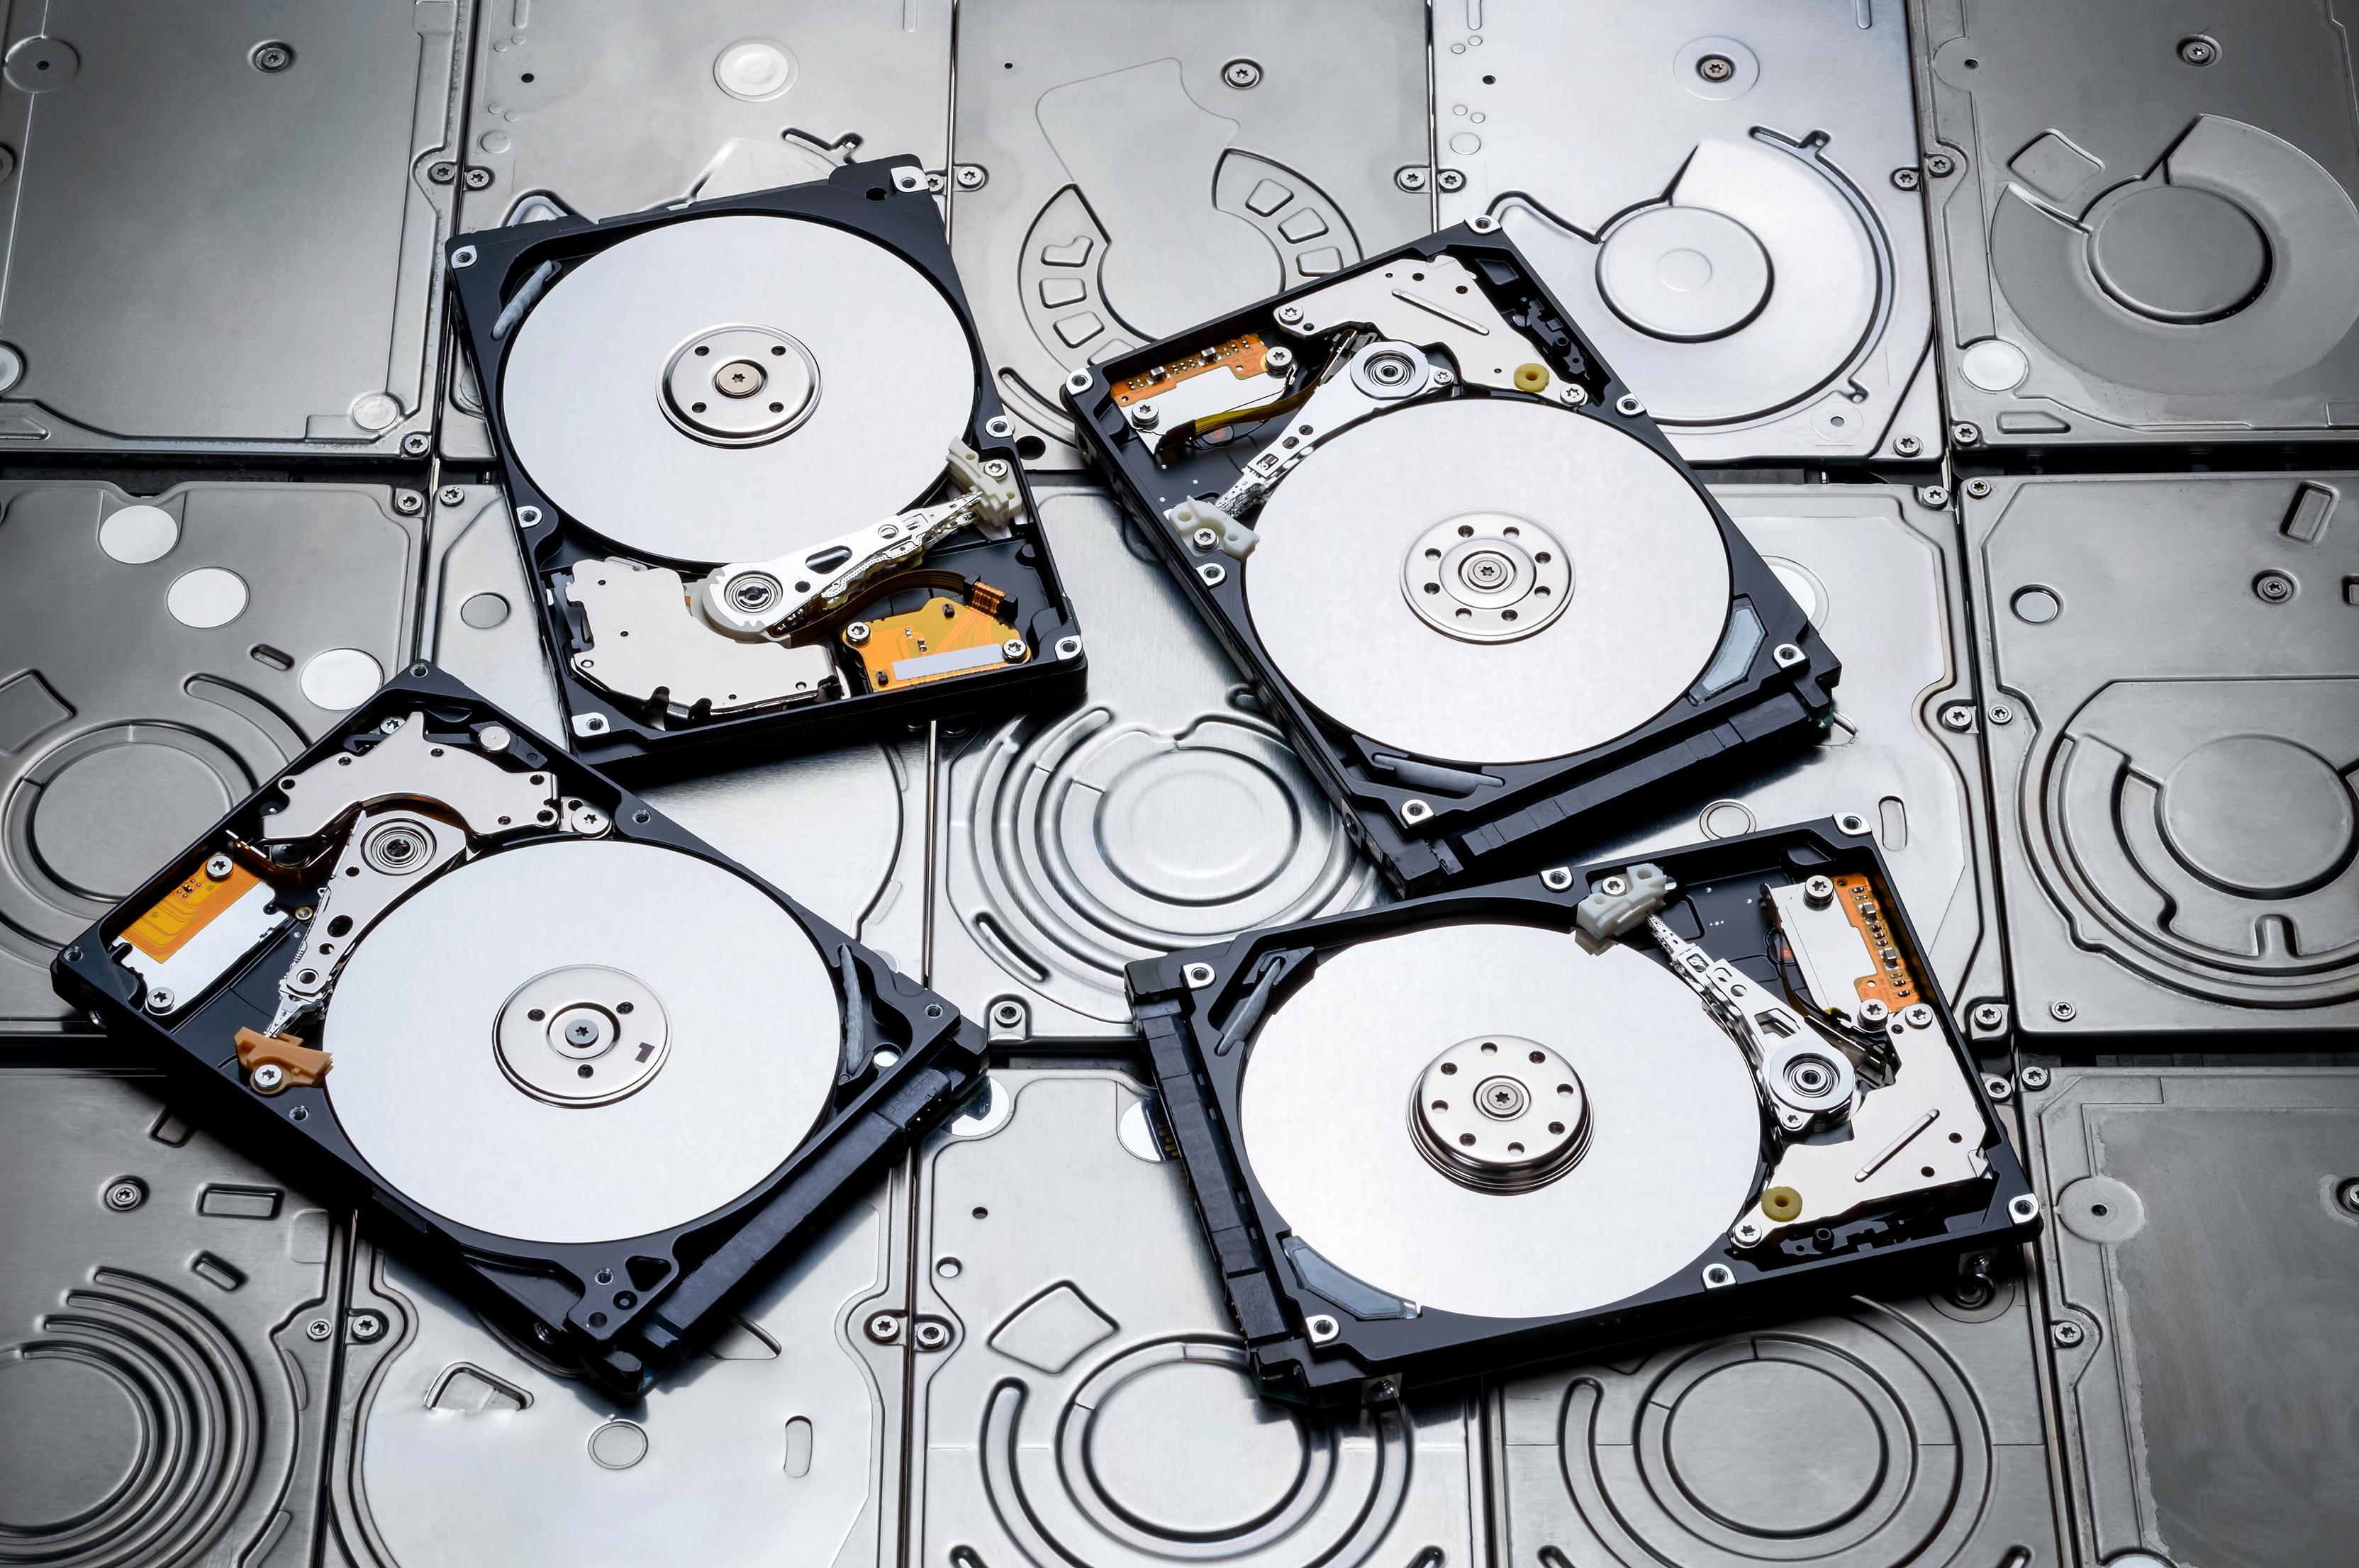 Platter-based HDDs.